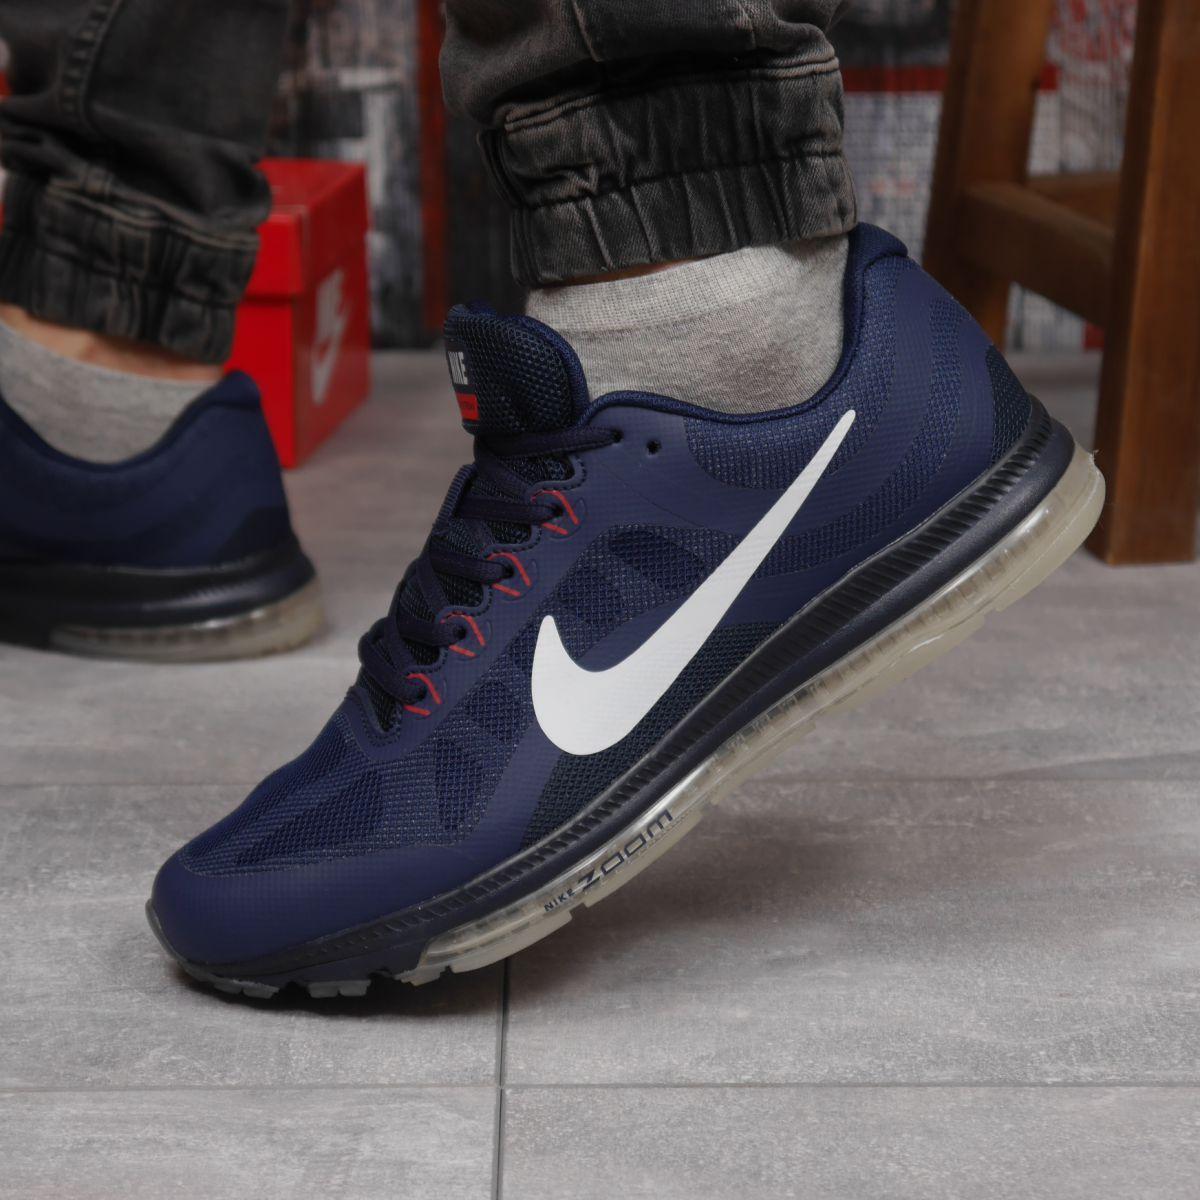 Кросівки чоловічі 13462, Nike Zoom Streak, темно-сині [ немає ] р.(44-28,4 см)